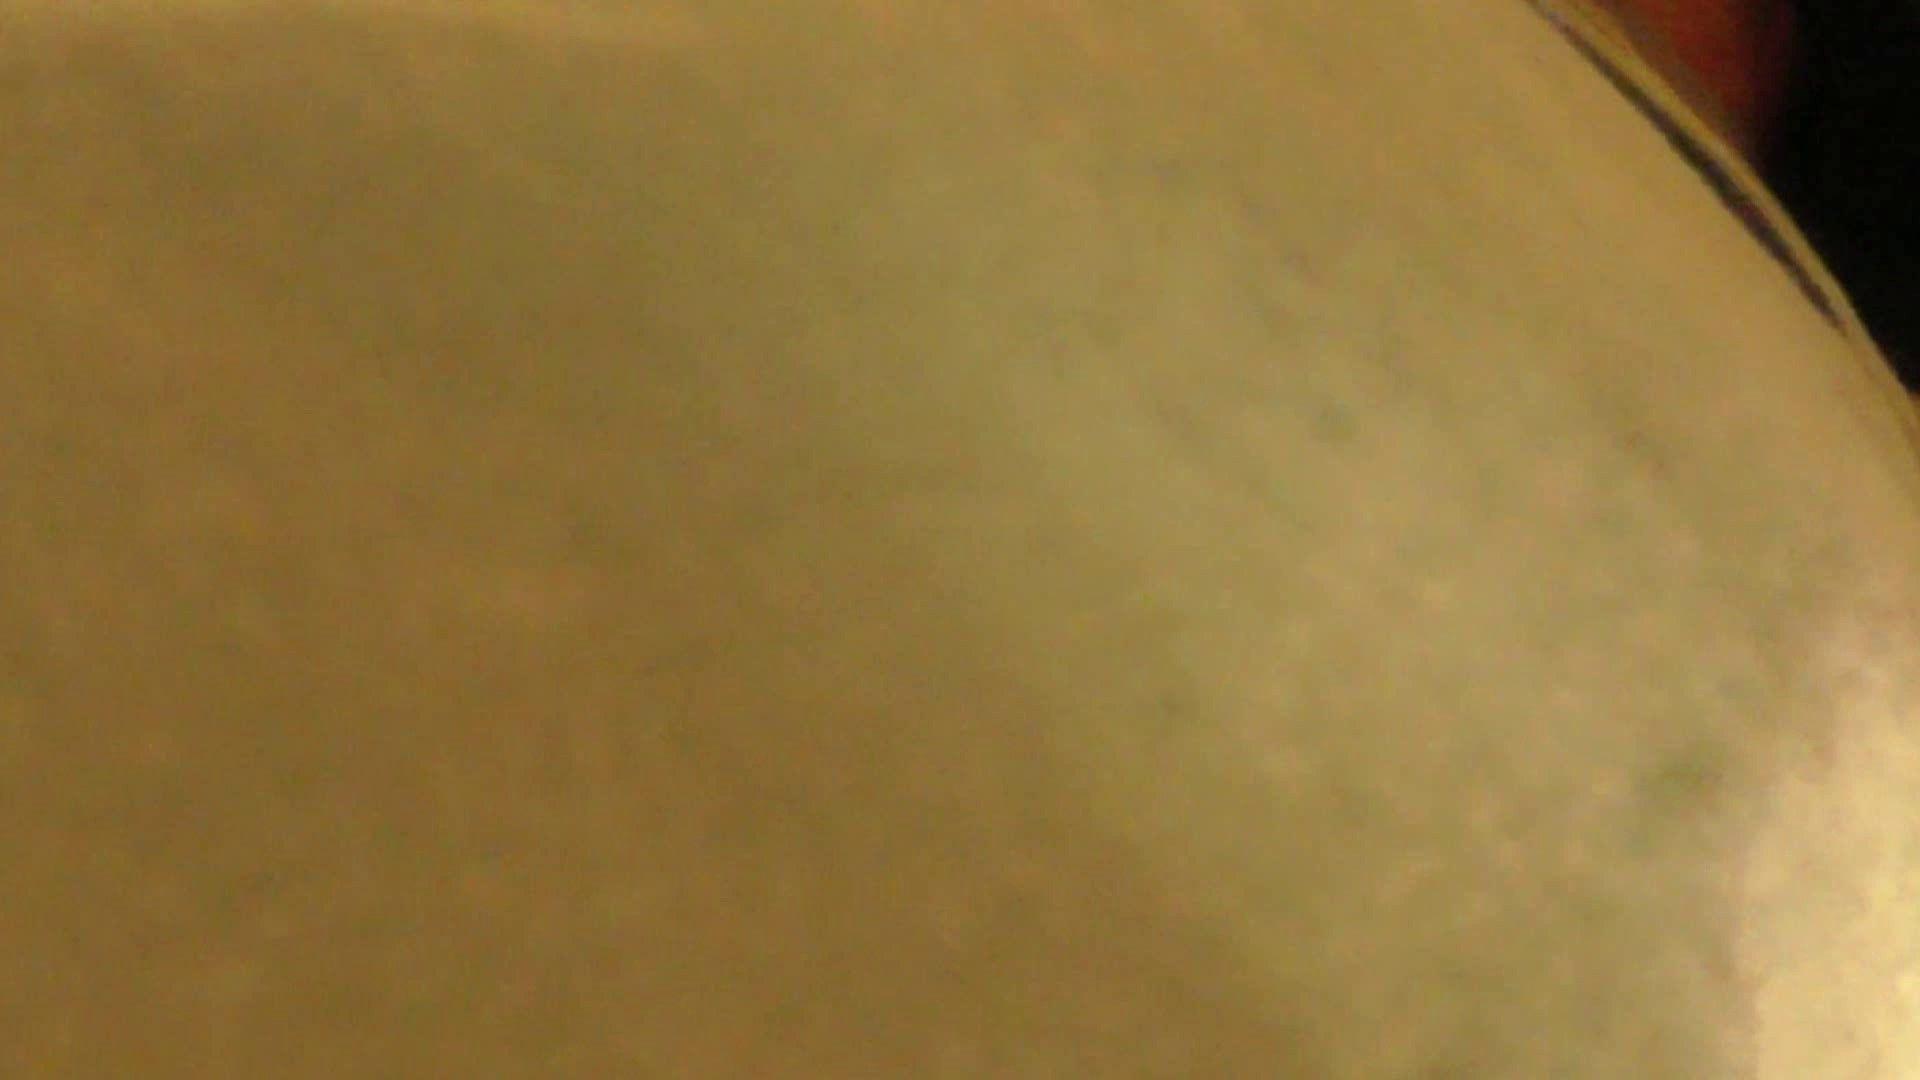 悪戯ネットカフェ Vol.08後編 なのでニュルっと【2015・26位】 美肌 オマンコ無修正動画無料 67画像 52